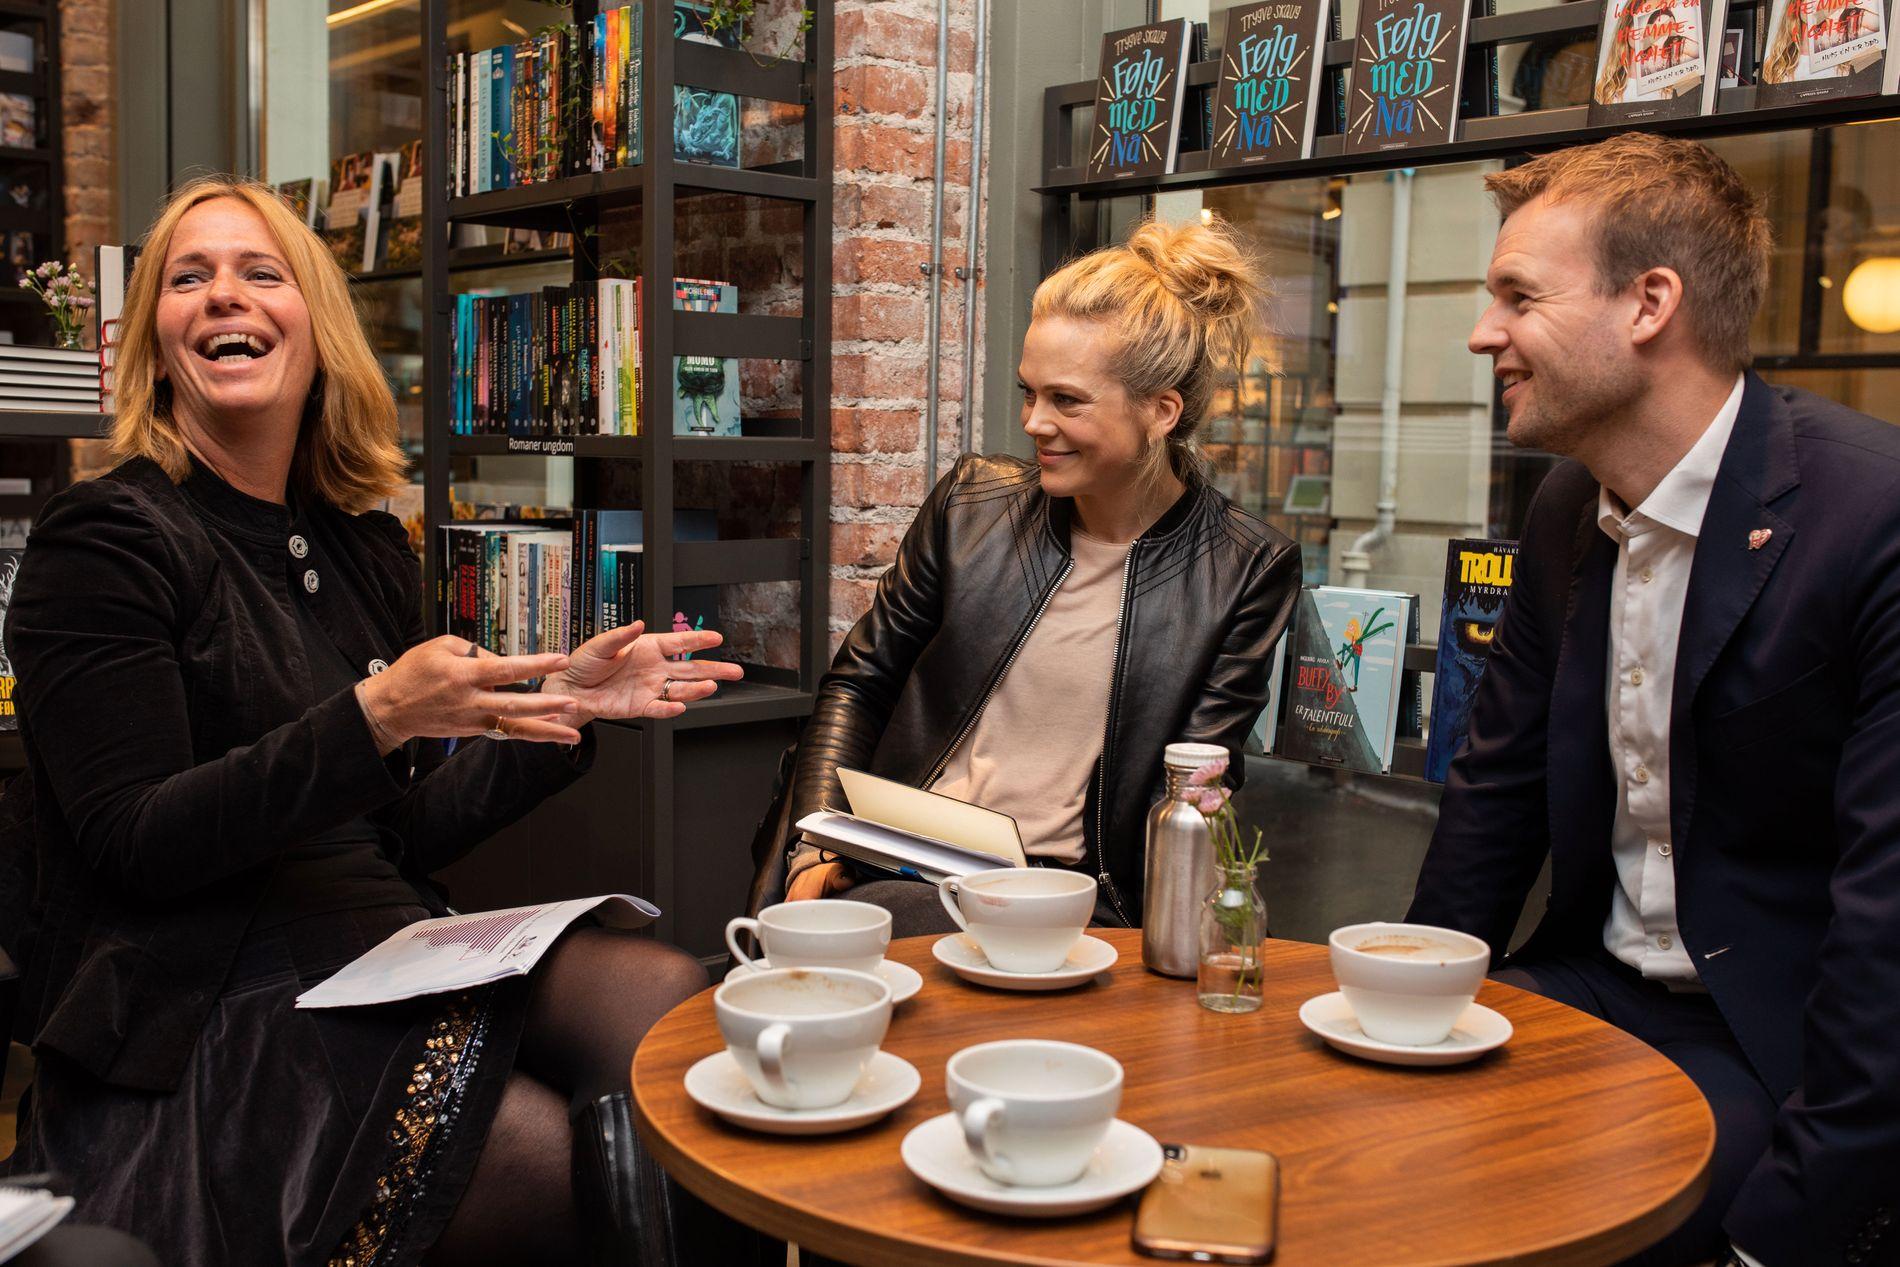 SOSIALE MEDIER: Barne- og familieminister Kjell Ingolf Ropstad (KrF) tok initiativ til å møte barneombud Inga Bejer Engh (t.v.) og skuespiller Ane Dahl Torp for å prate om unge og sosiale medier.